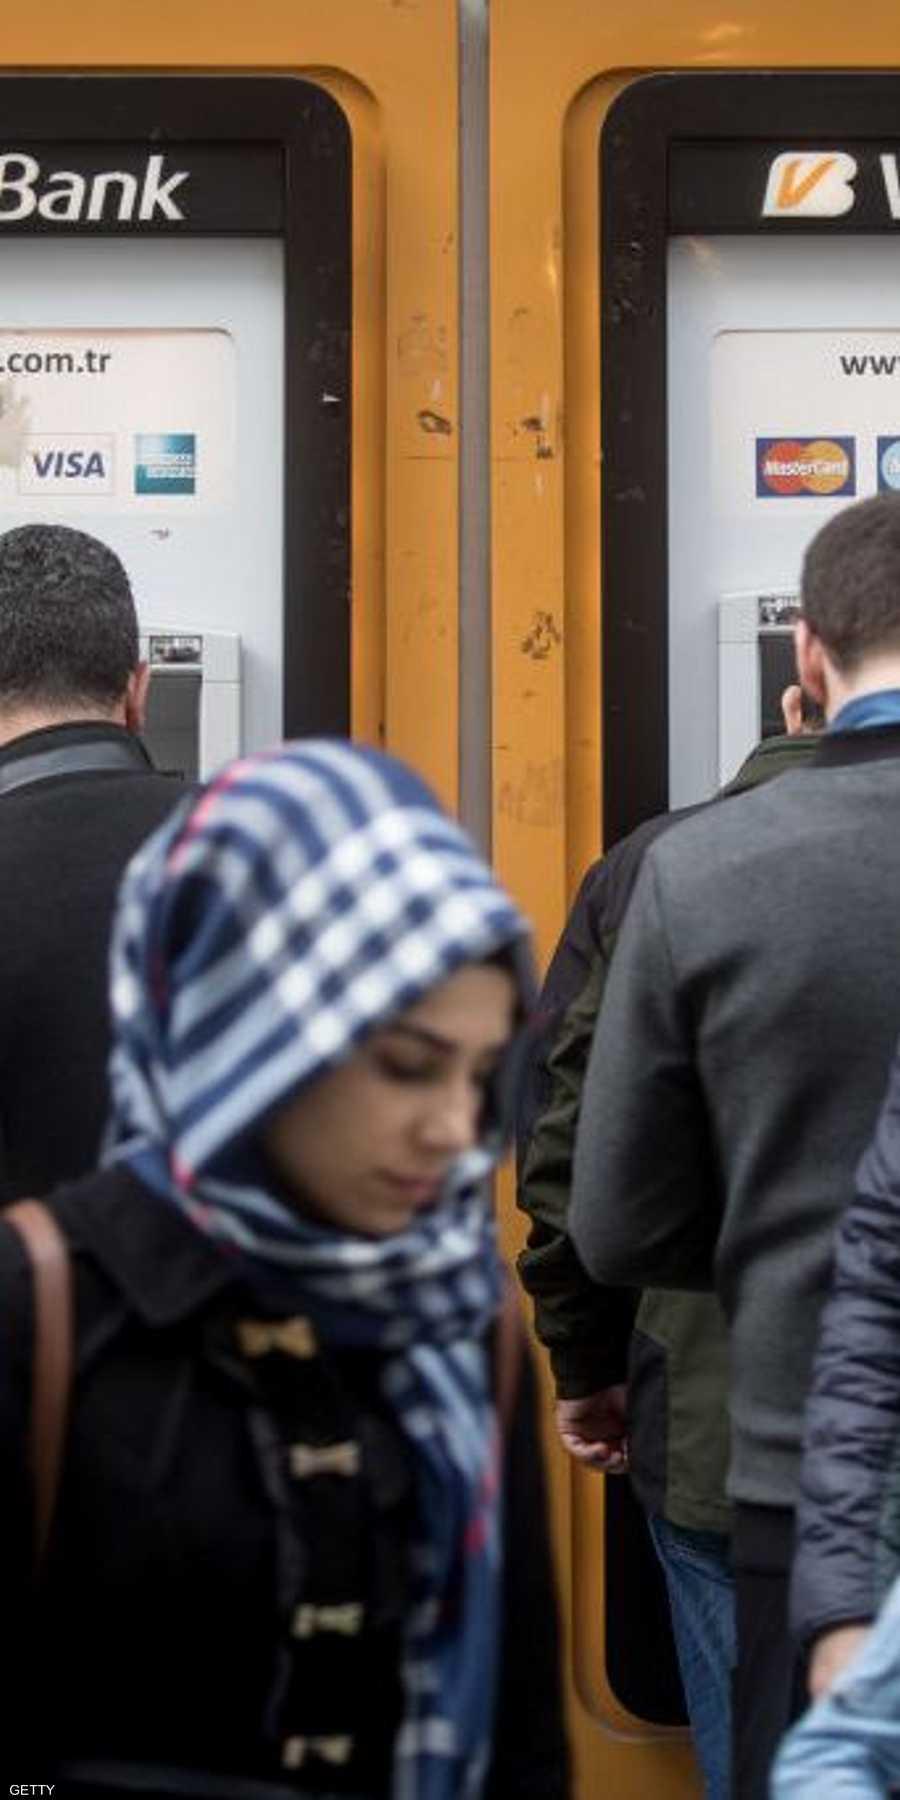 المصارف التركية تعاني من أزمة القروض المتعثرة